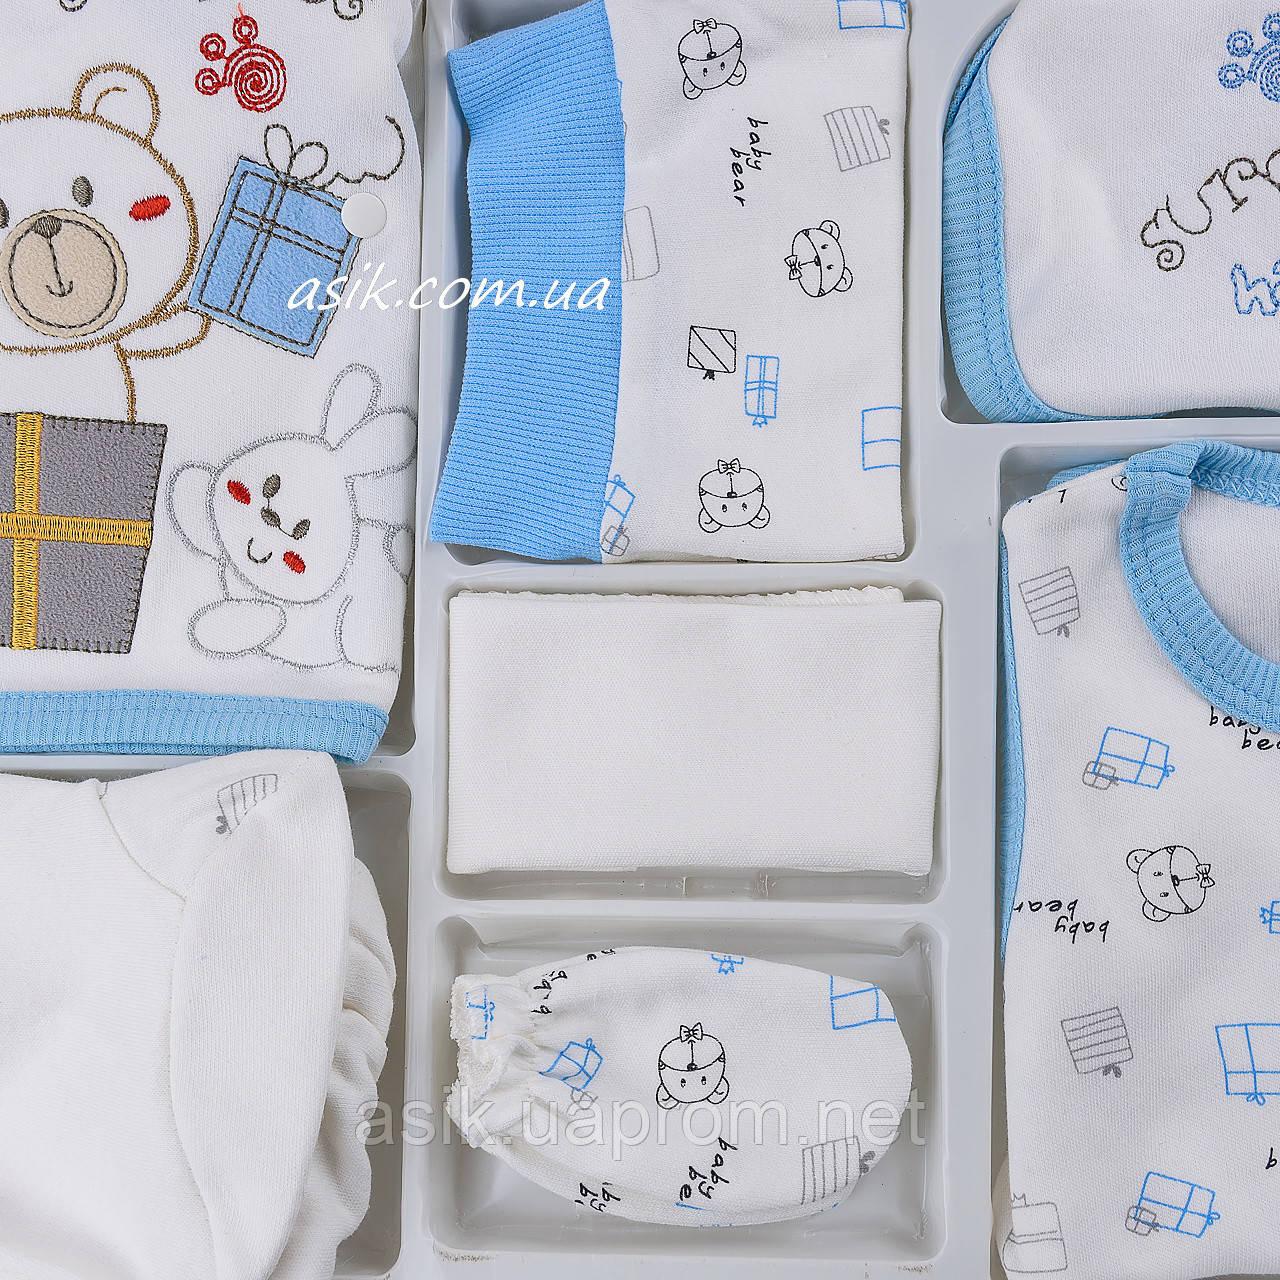 """Набор одежды """"Сюрприз""""- 7 предметов, цвет голубой"""